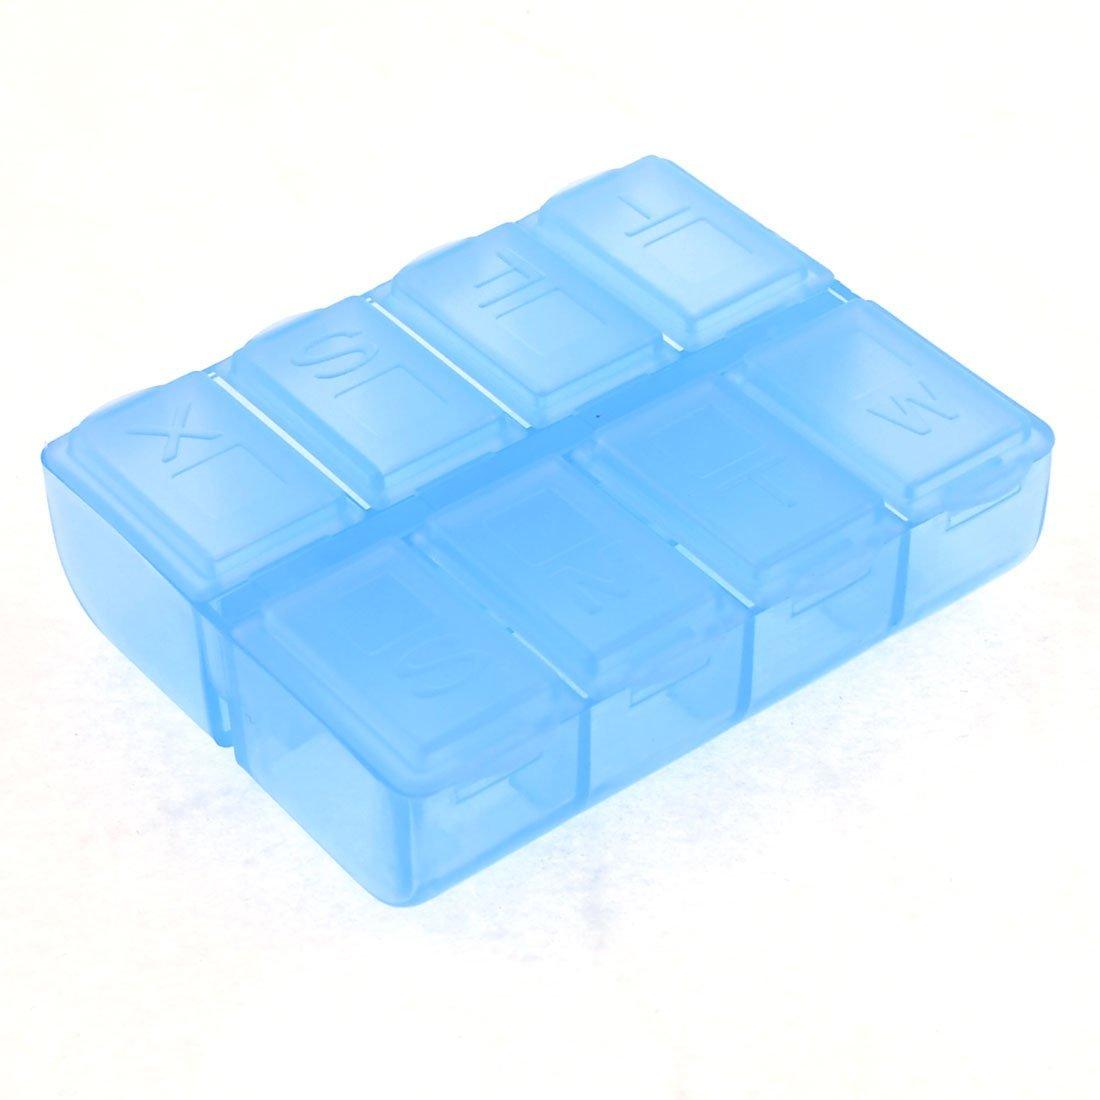 Plastic Rectangle 8 Compartments 7 Days Medicine Pill Box